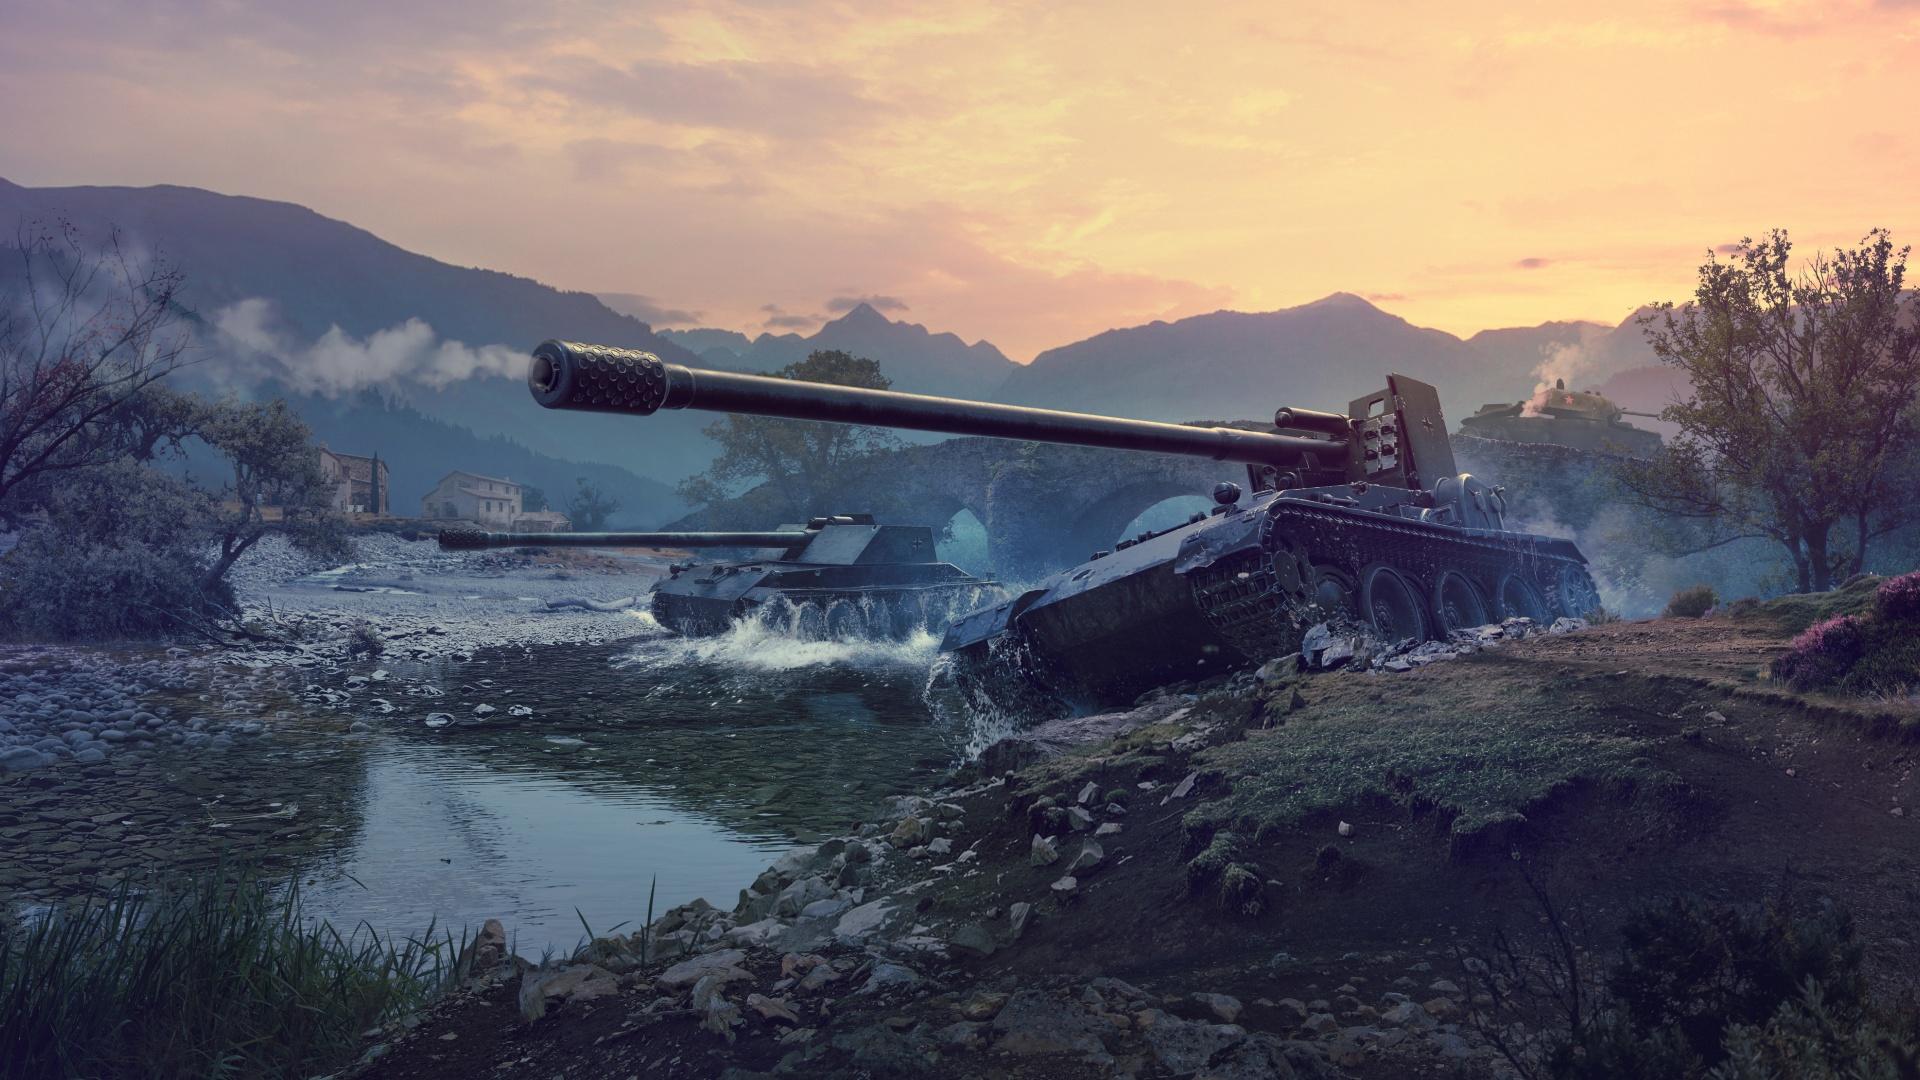 Противотанковые САУ - World of Tanks WoT,Противотанковые САУ,Rhm Borsig Waffentrager,Gr